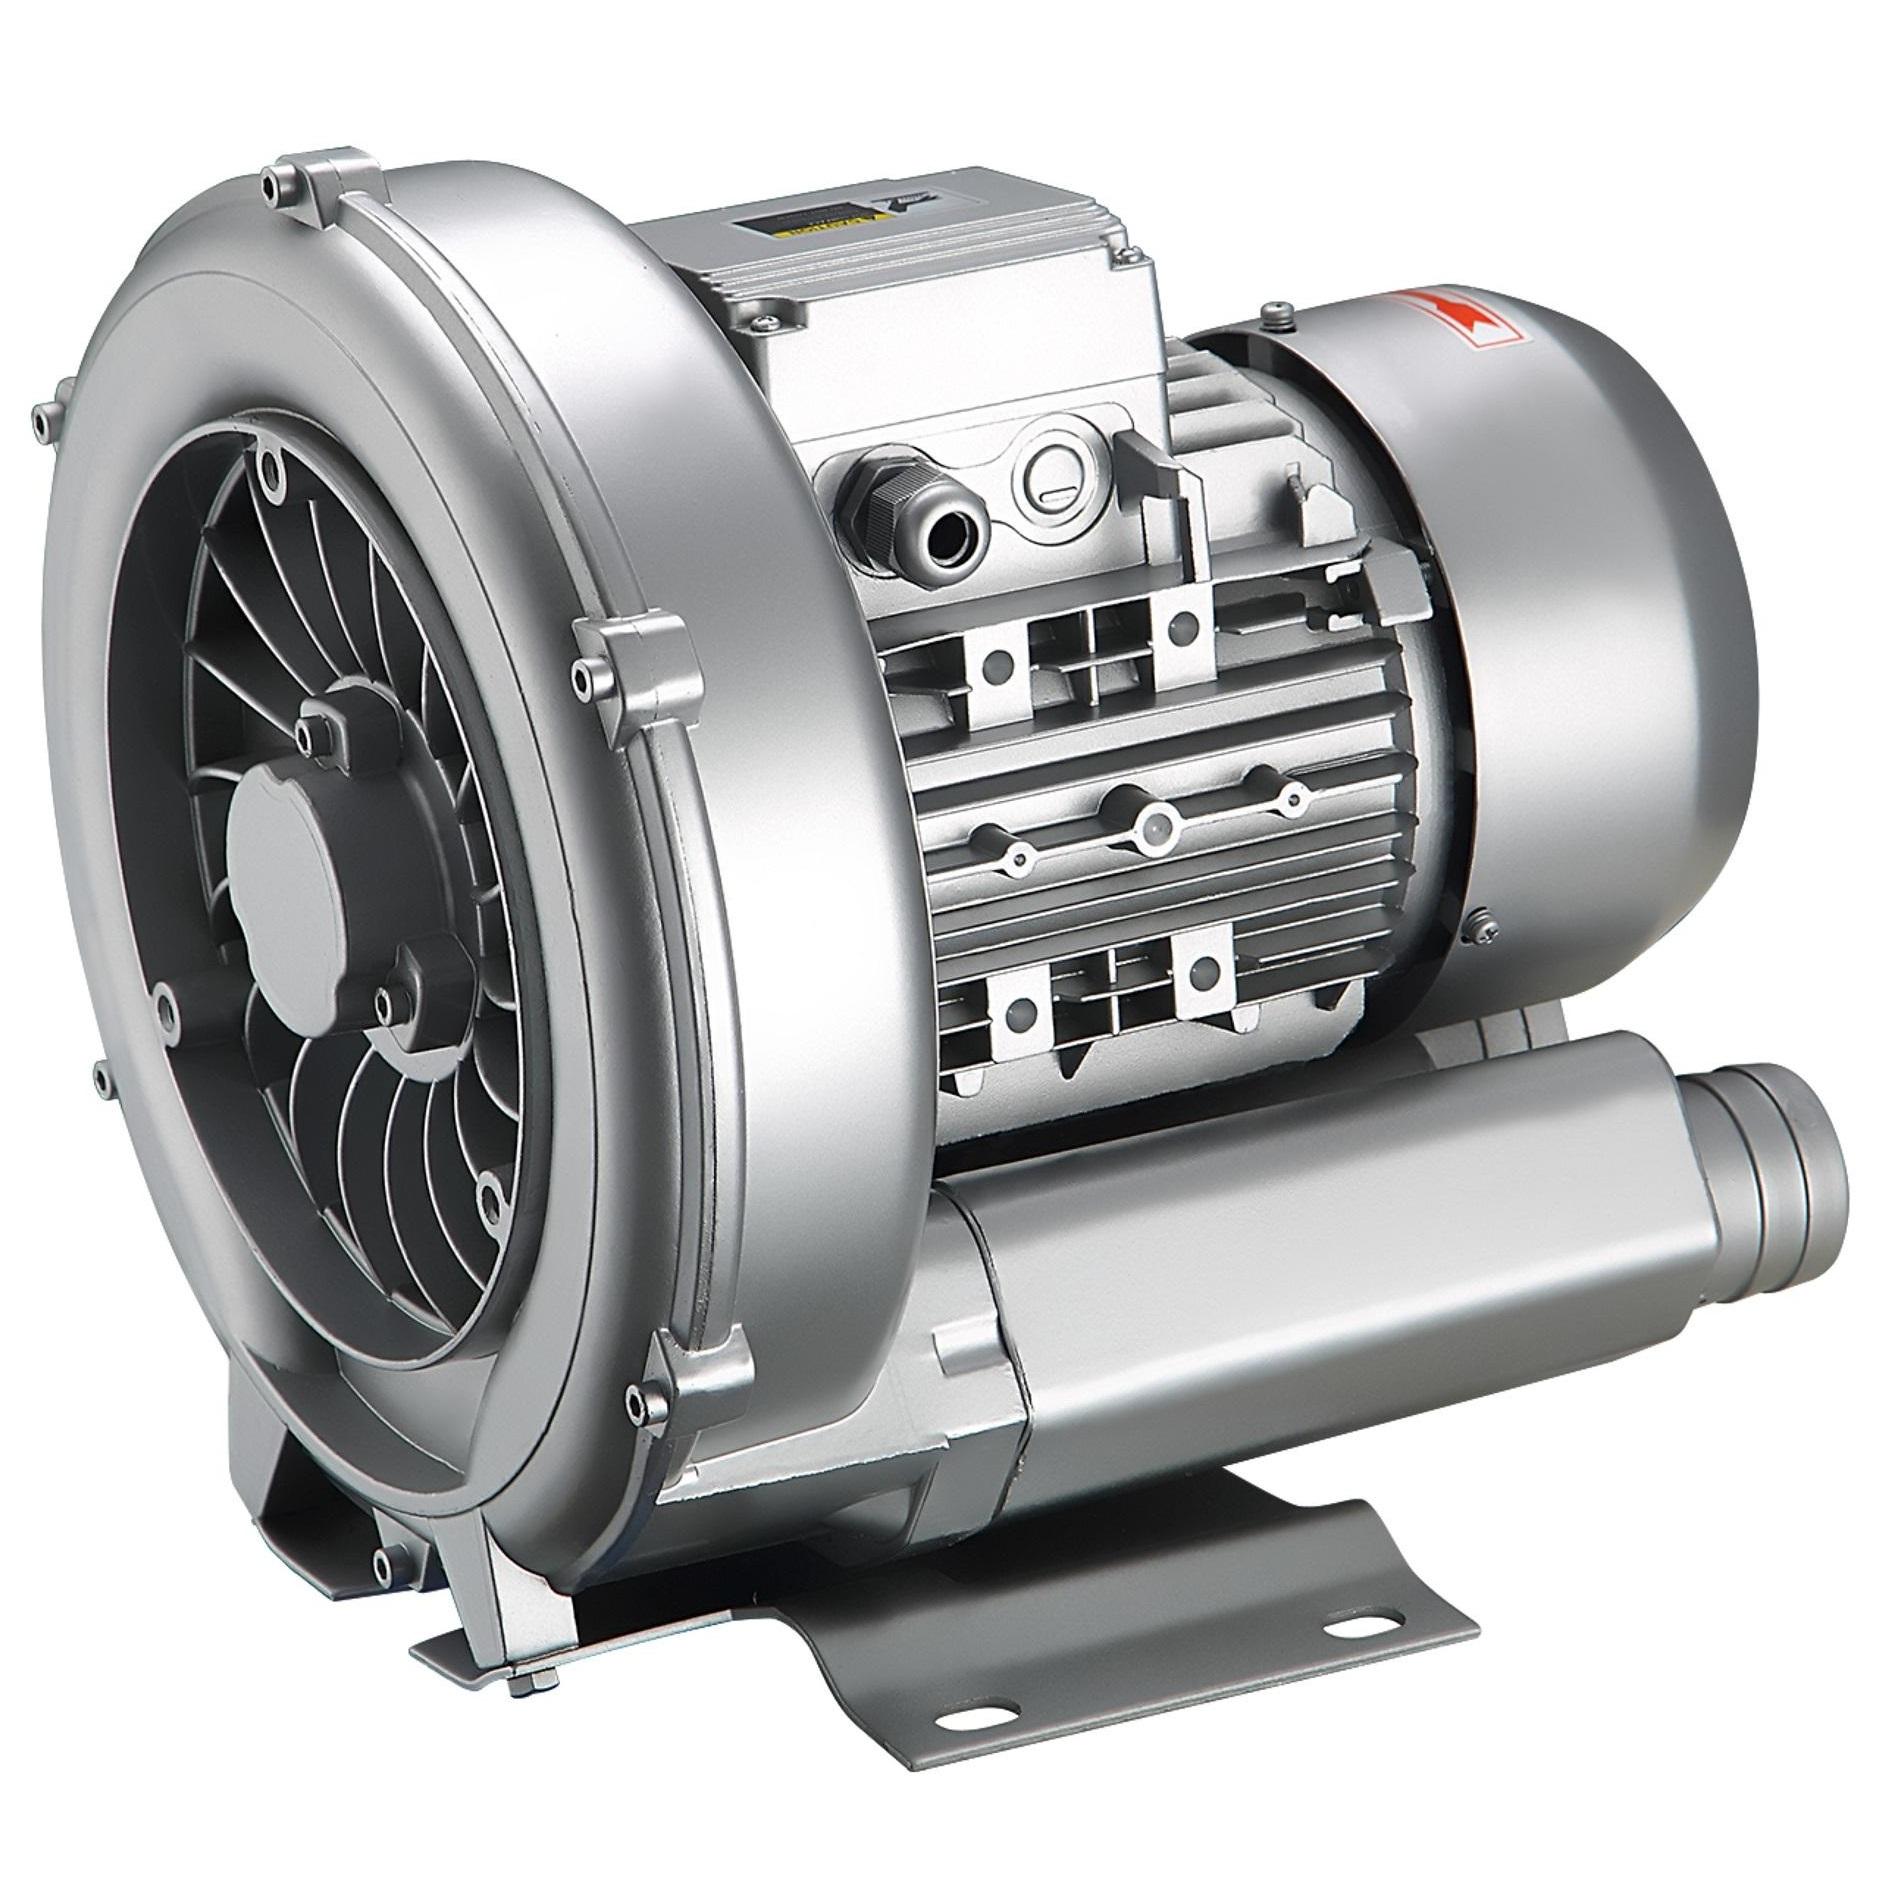 漩涡气泵 高压风机 旋涡